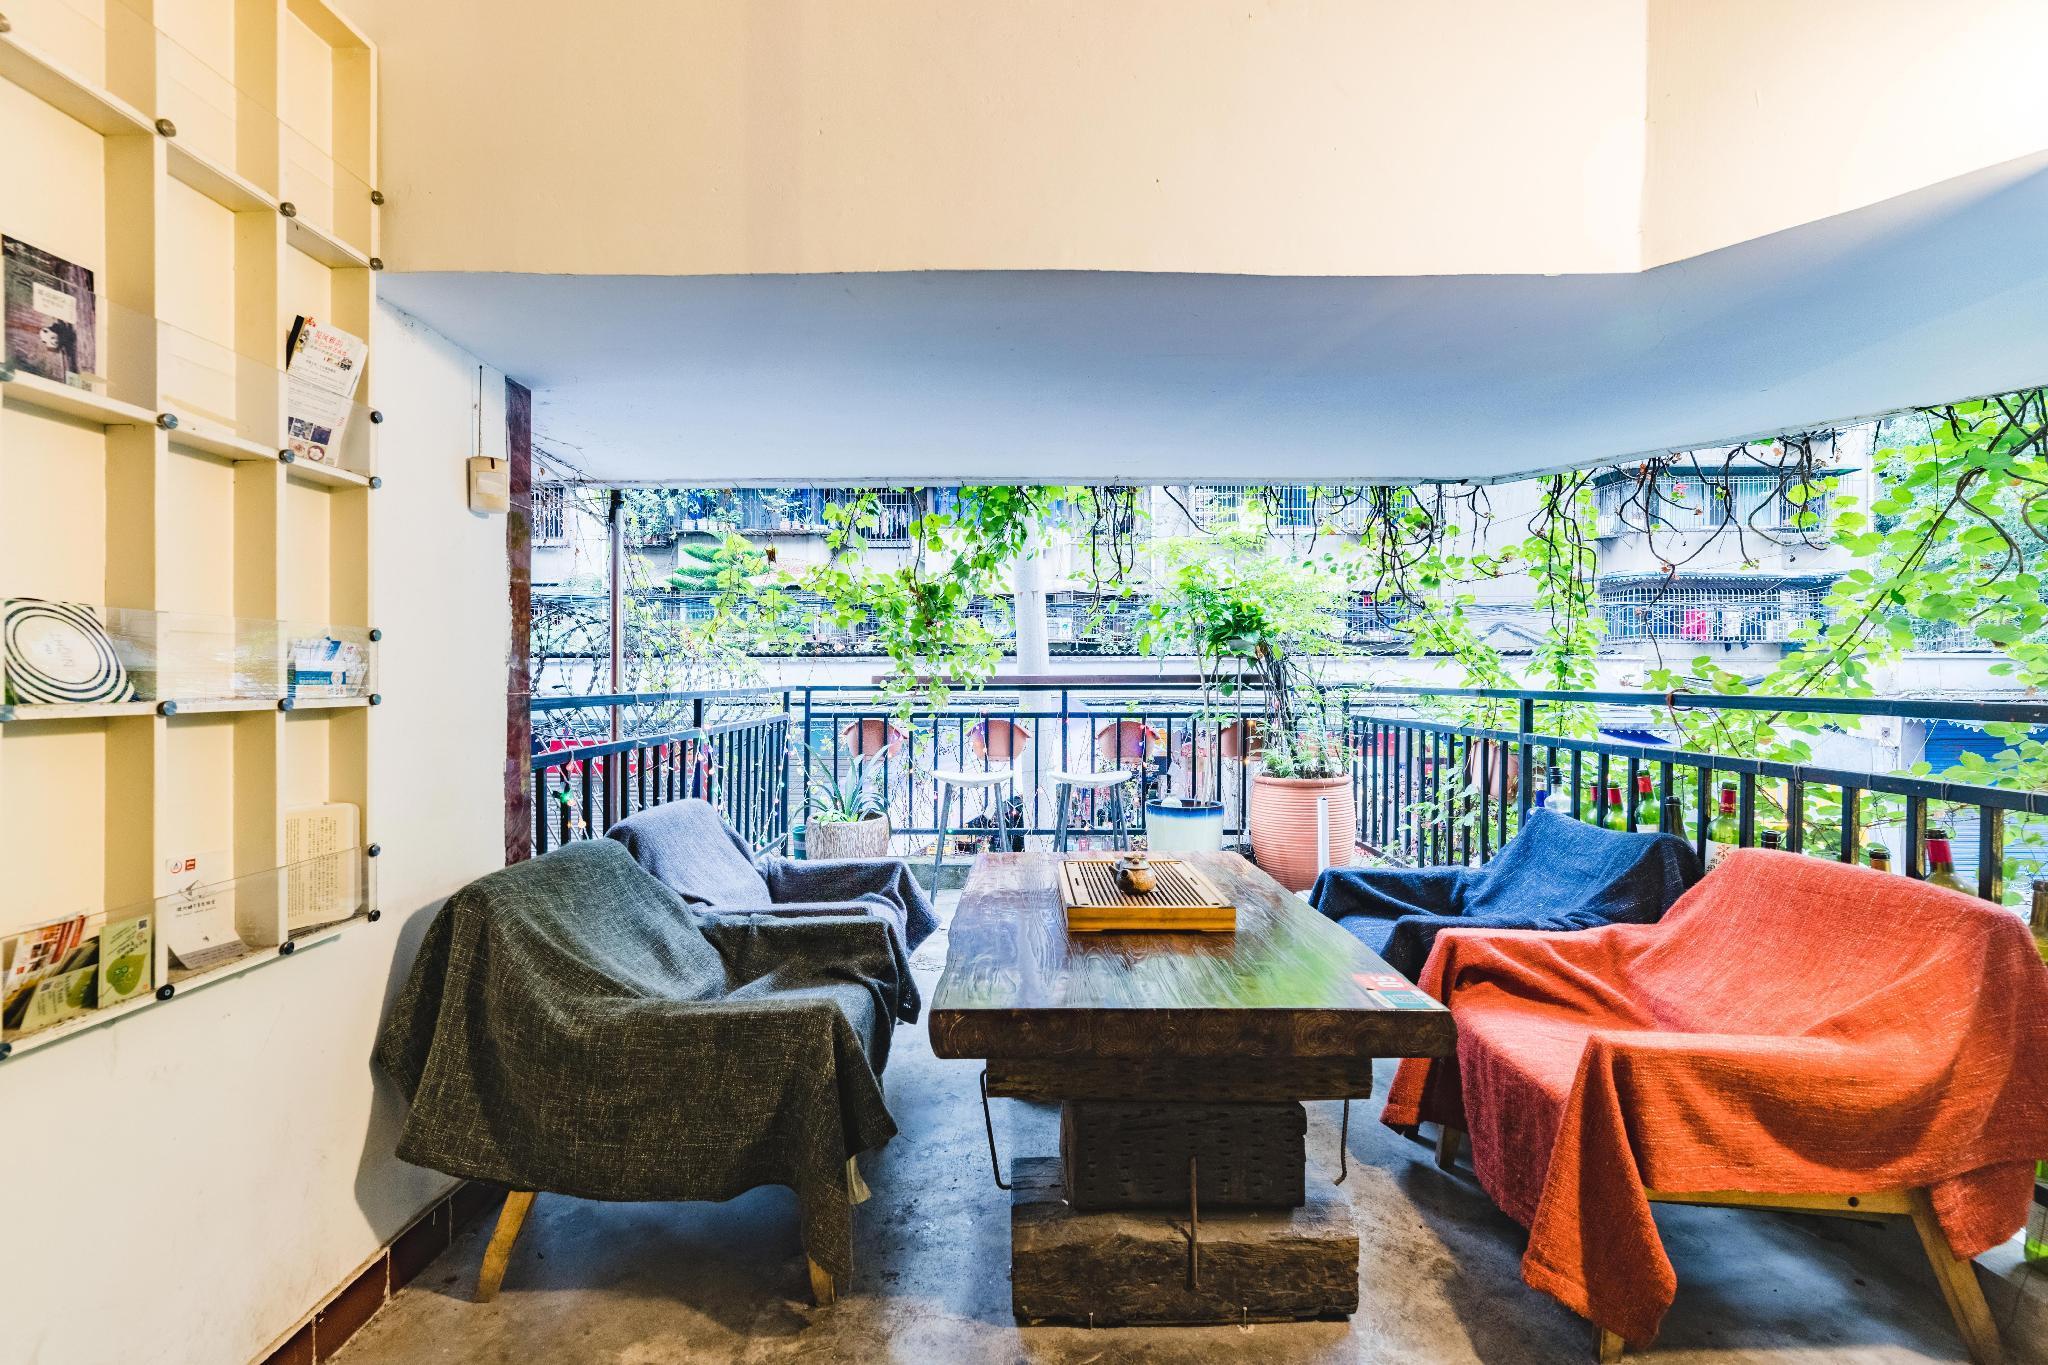 Chengdu Jinling Guest House